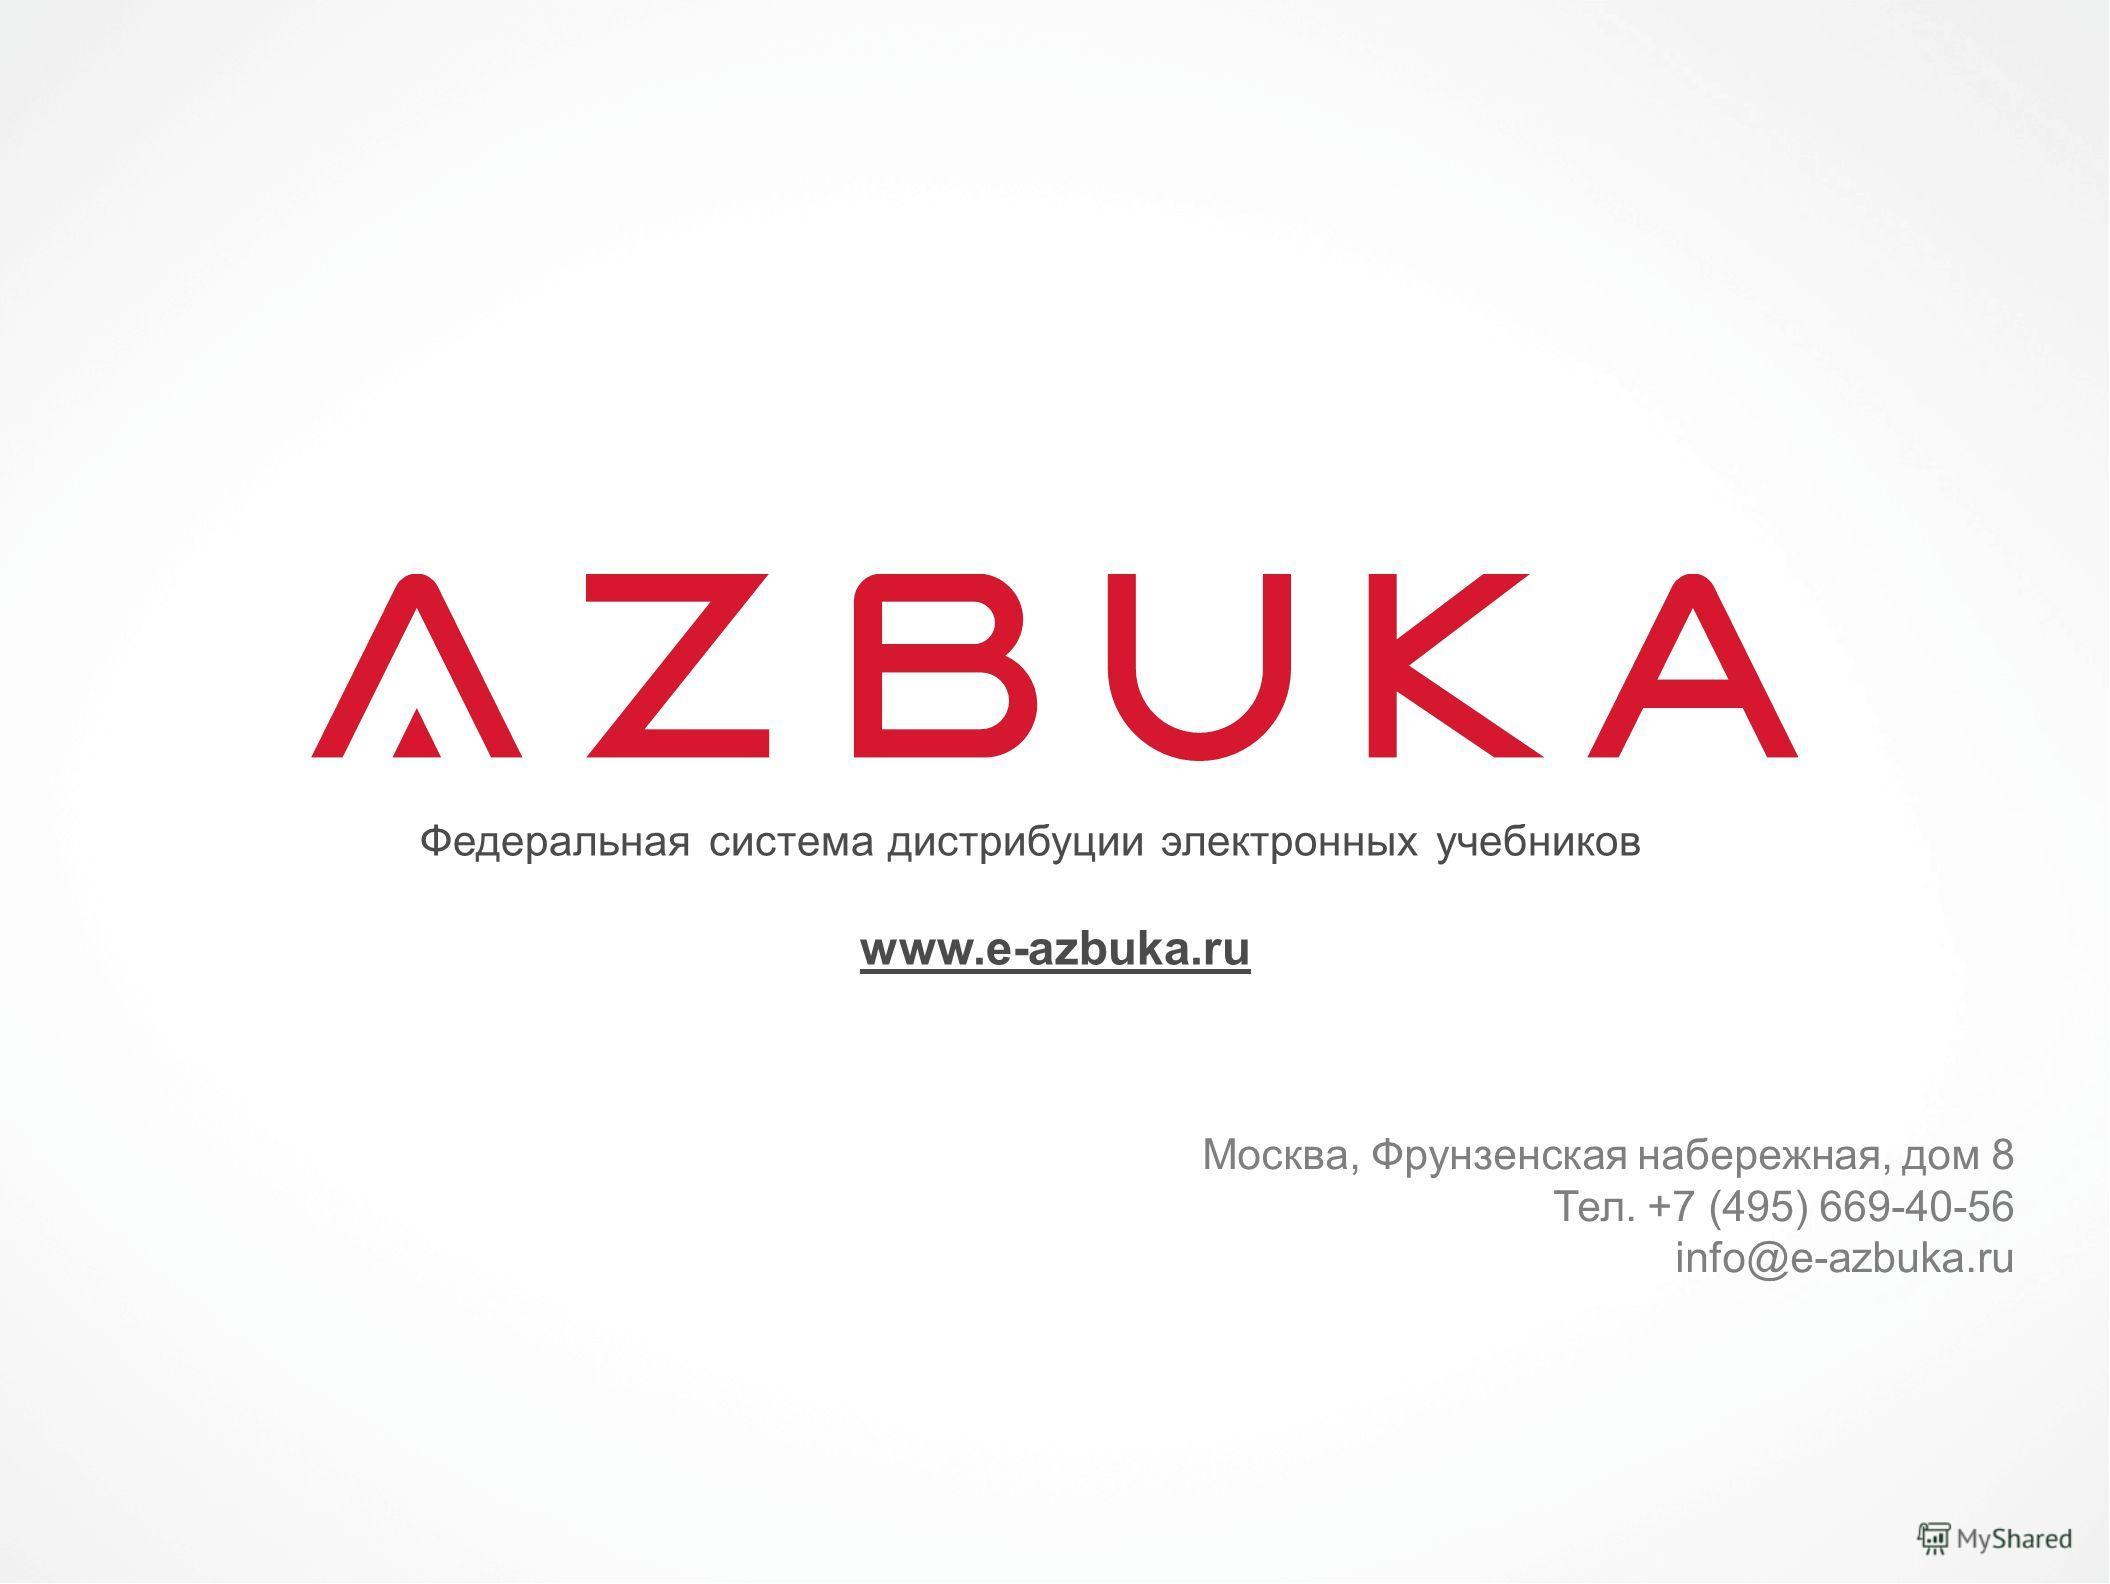 Федеральная система дистрибуции электронных учебников www.e-azbuka.ru Москва, Фрунзенская набережная, дом 8 Тел. +7 (495) 669-40-56 info@e-azbuka.ru